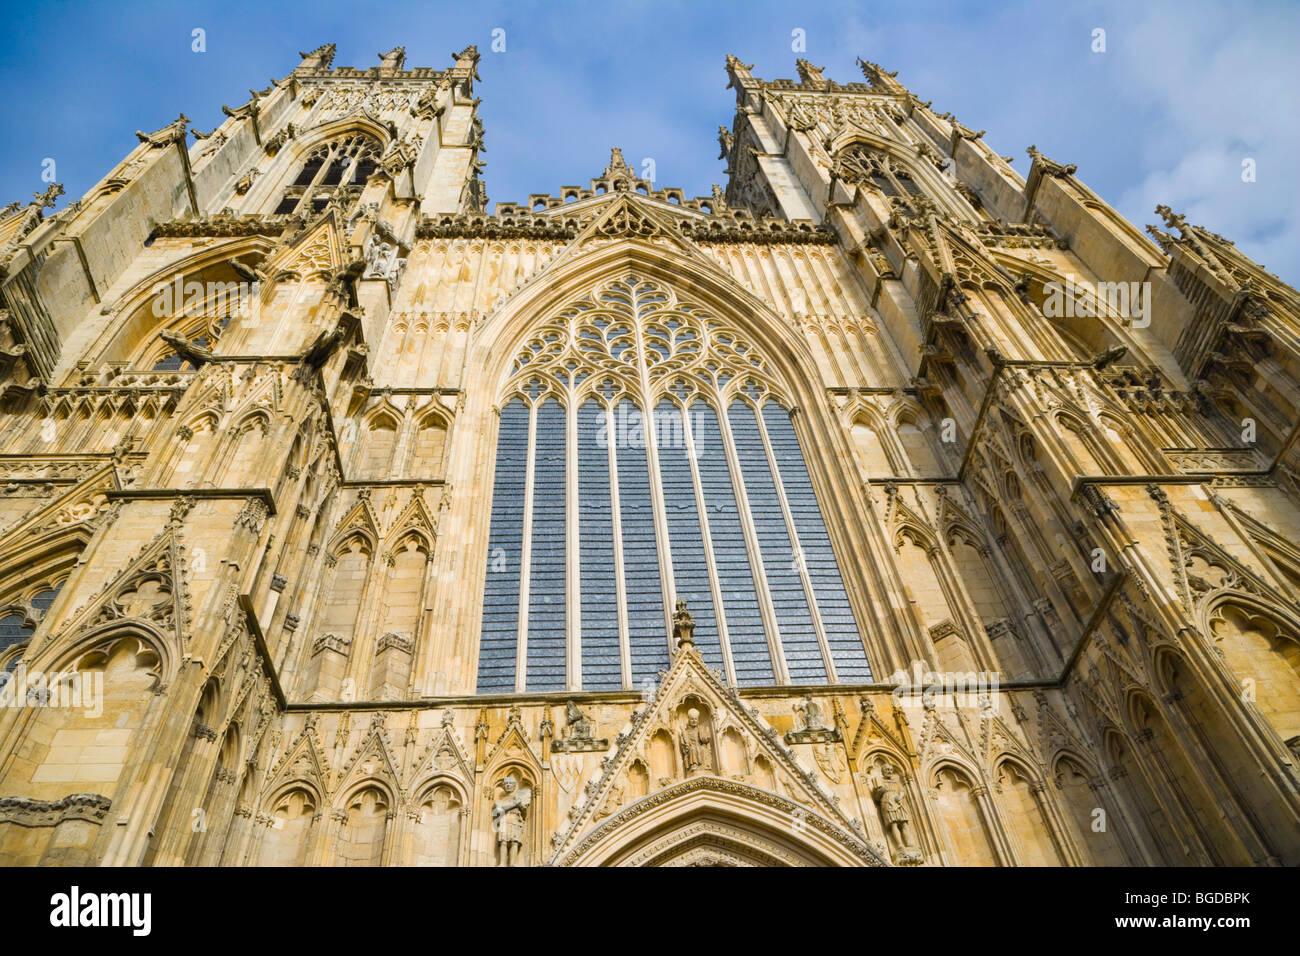 York Minster West Entrance, York, Yorkshire, England, United Kingdom, Europe - Stock Image